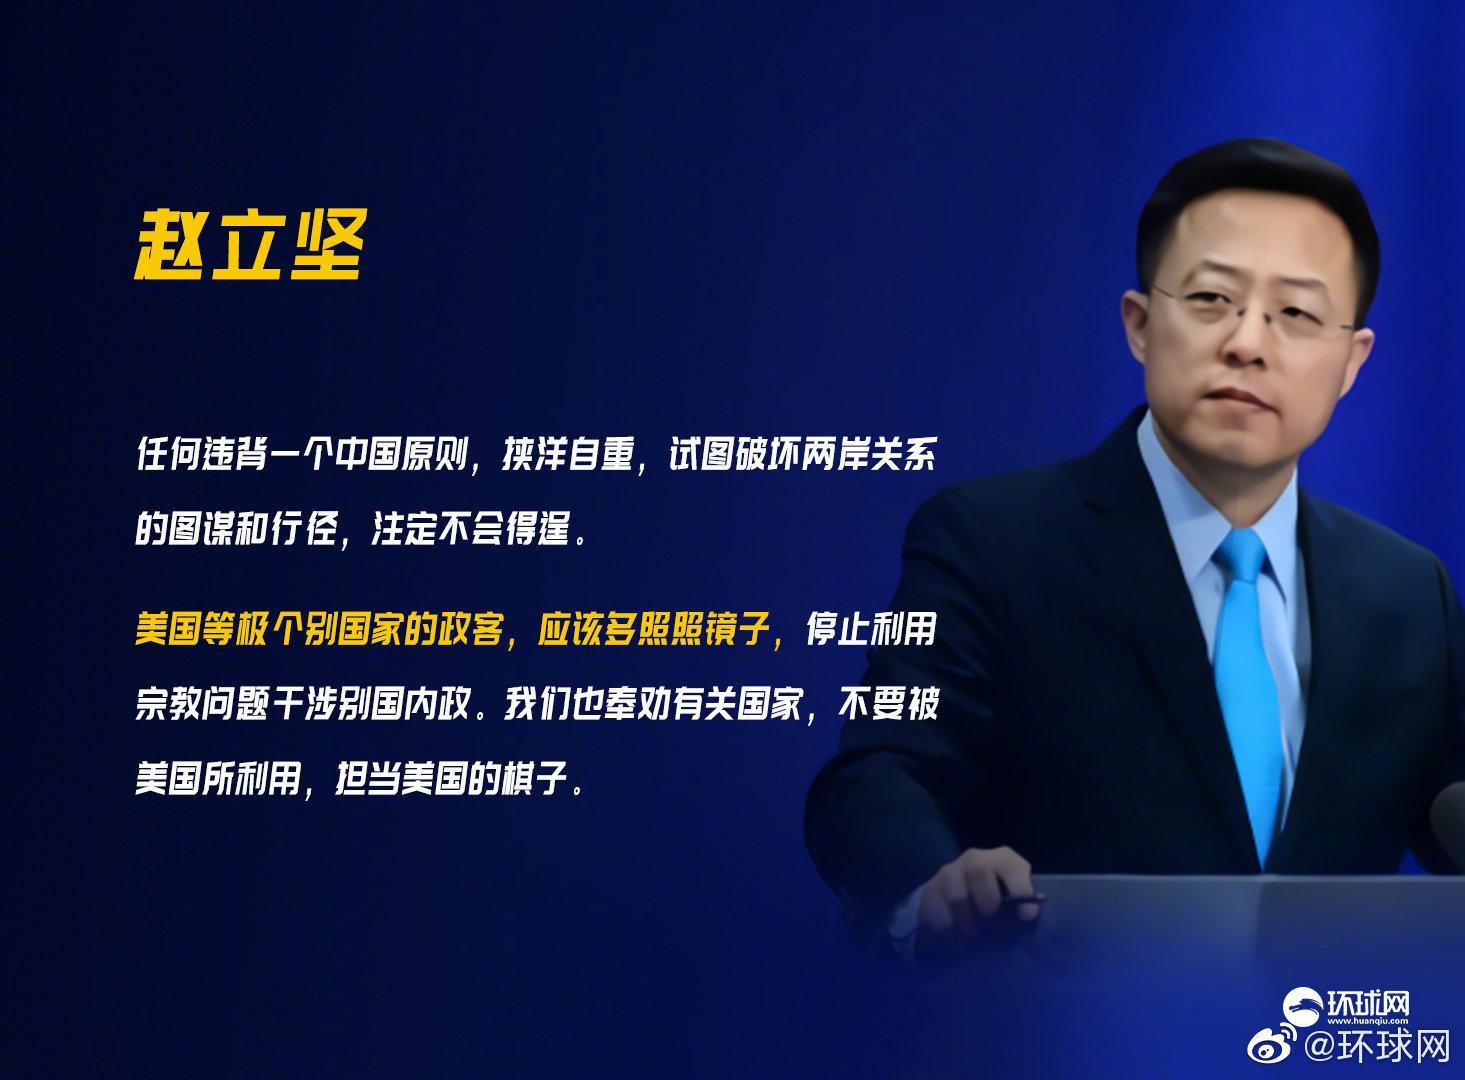 美波合办会议上蓬佩奥攻击中国宗教政策……